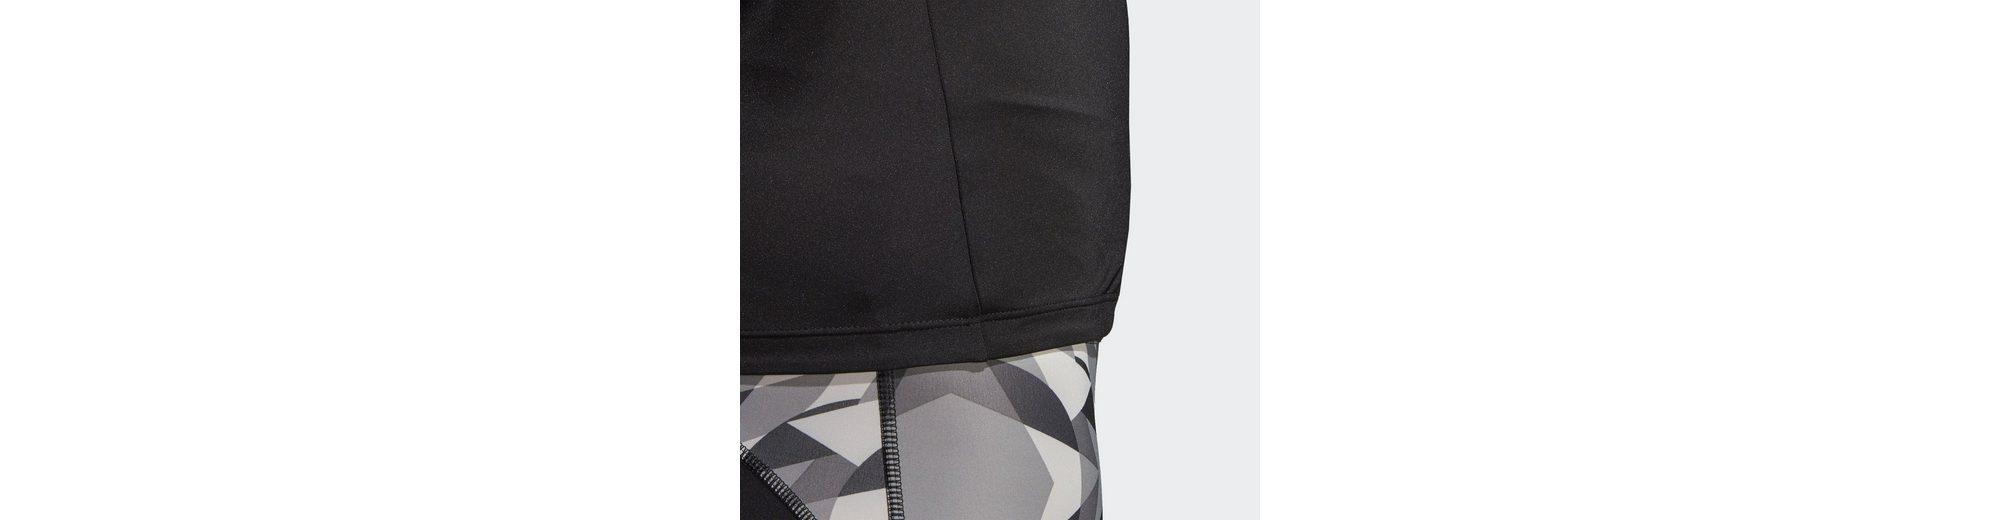 adidas Performance Sporttop Wanderlust Yoga Tanktop 100% Authentisch Verkauf Online JX1ezUAY4t